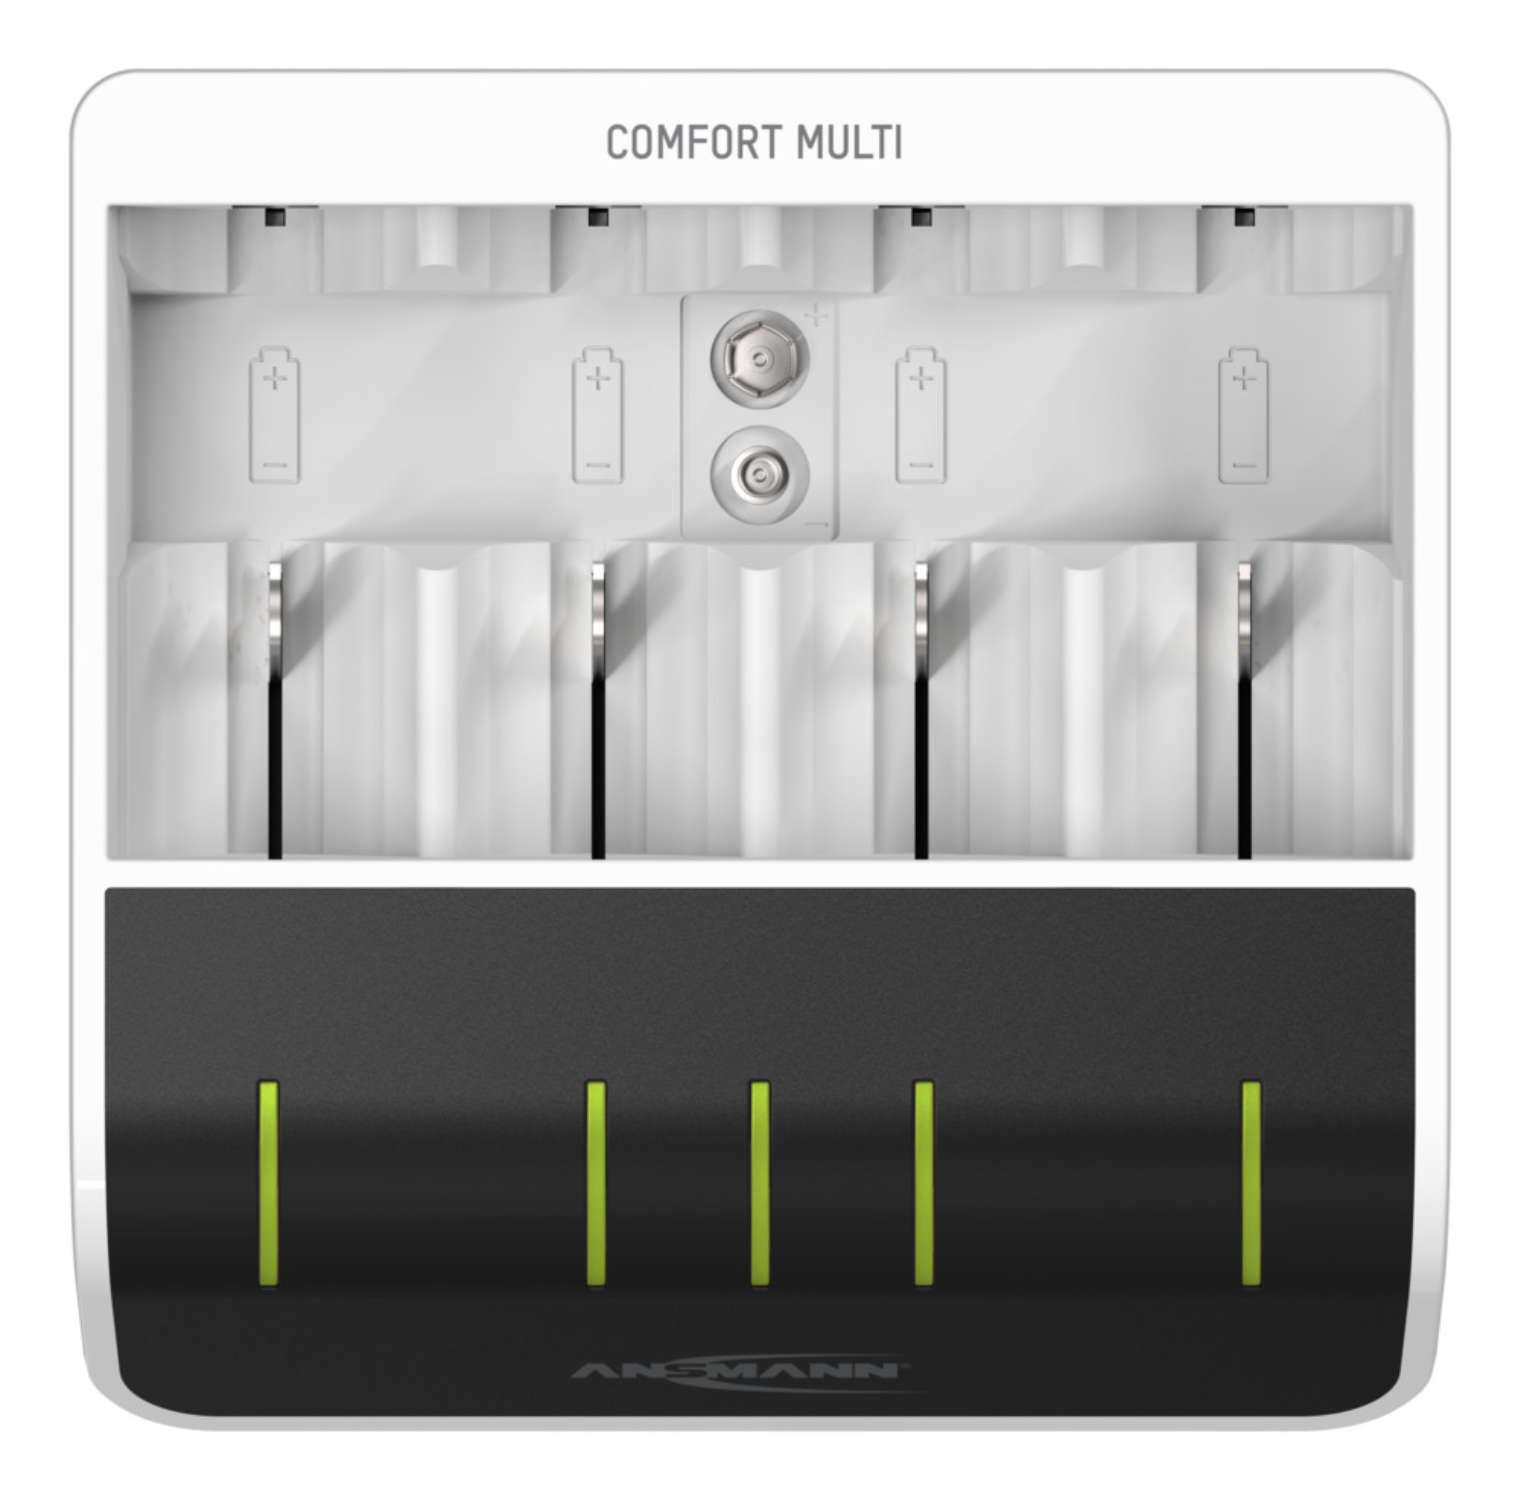 Comfort Multi